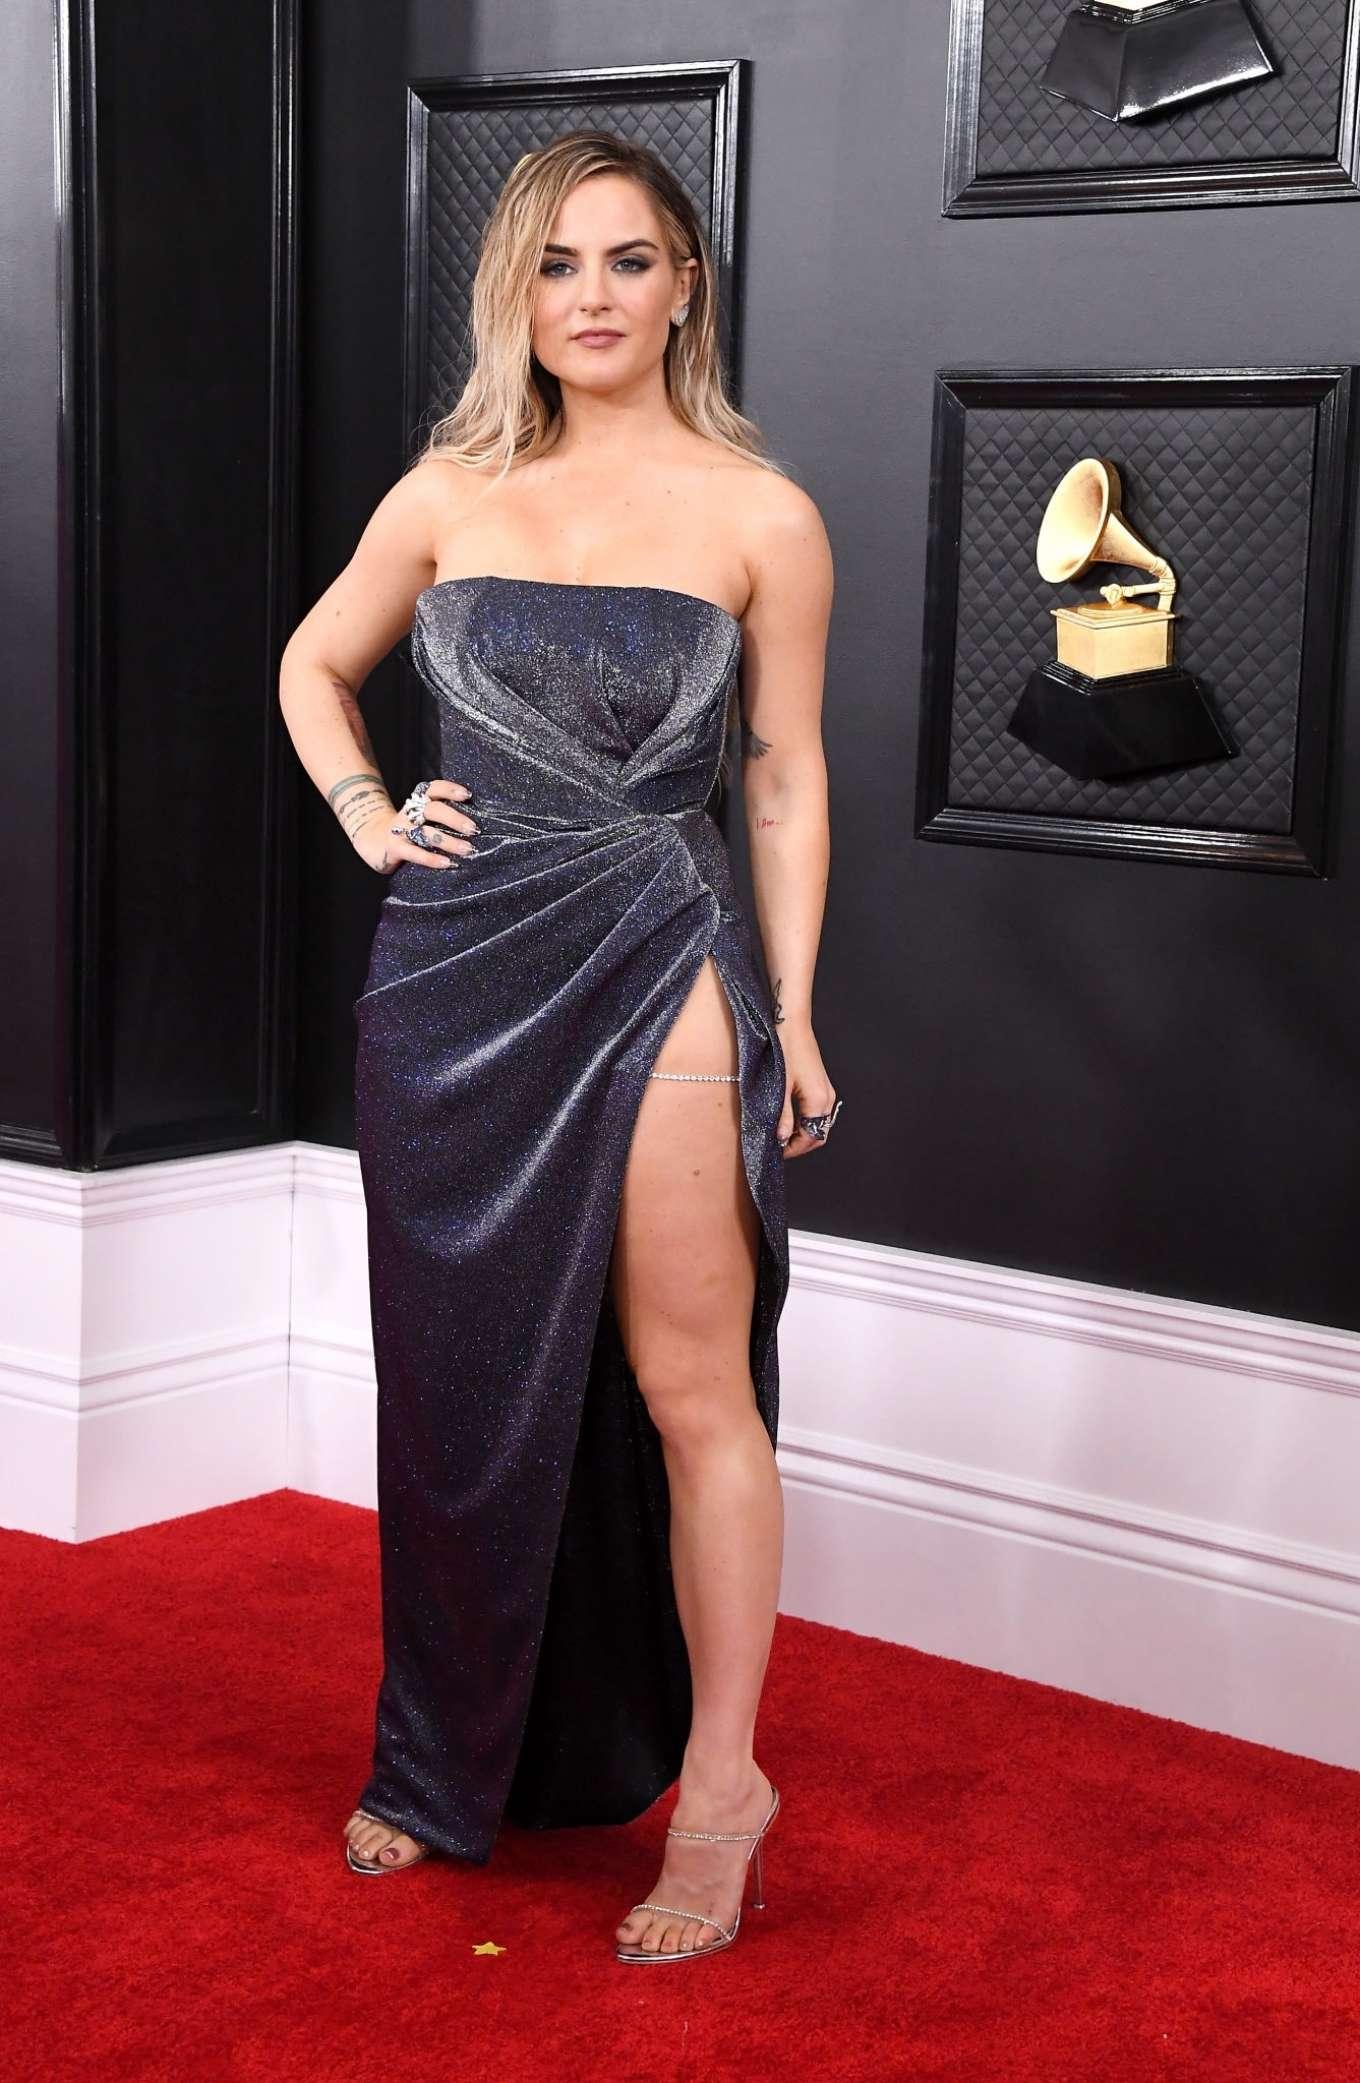 Joanna JoJo Levesque 2020 : Joanna JoJo Levesque – 2020 Grammy Awards-16